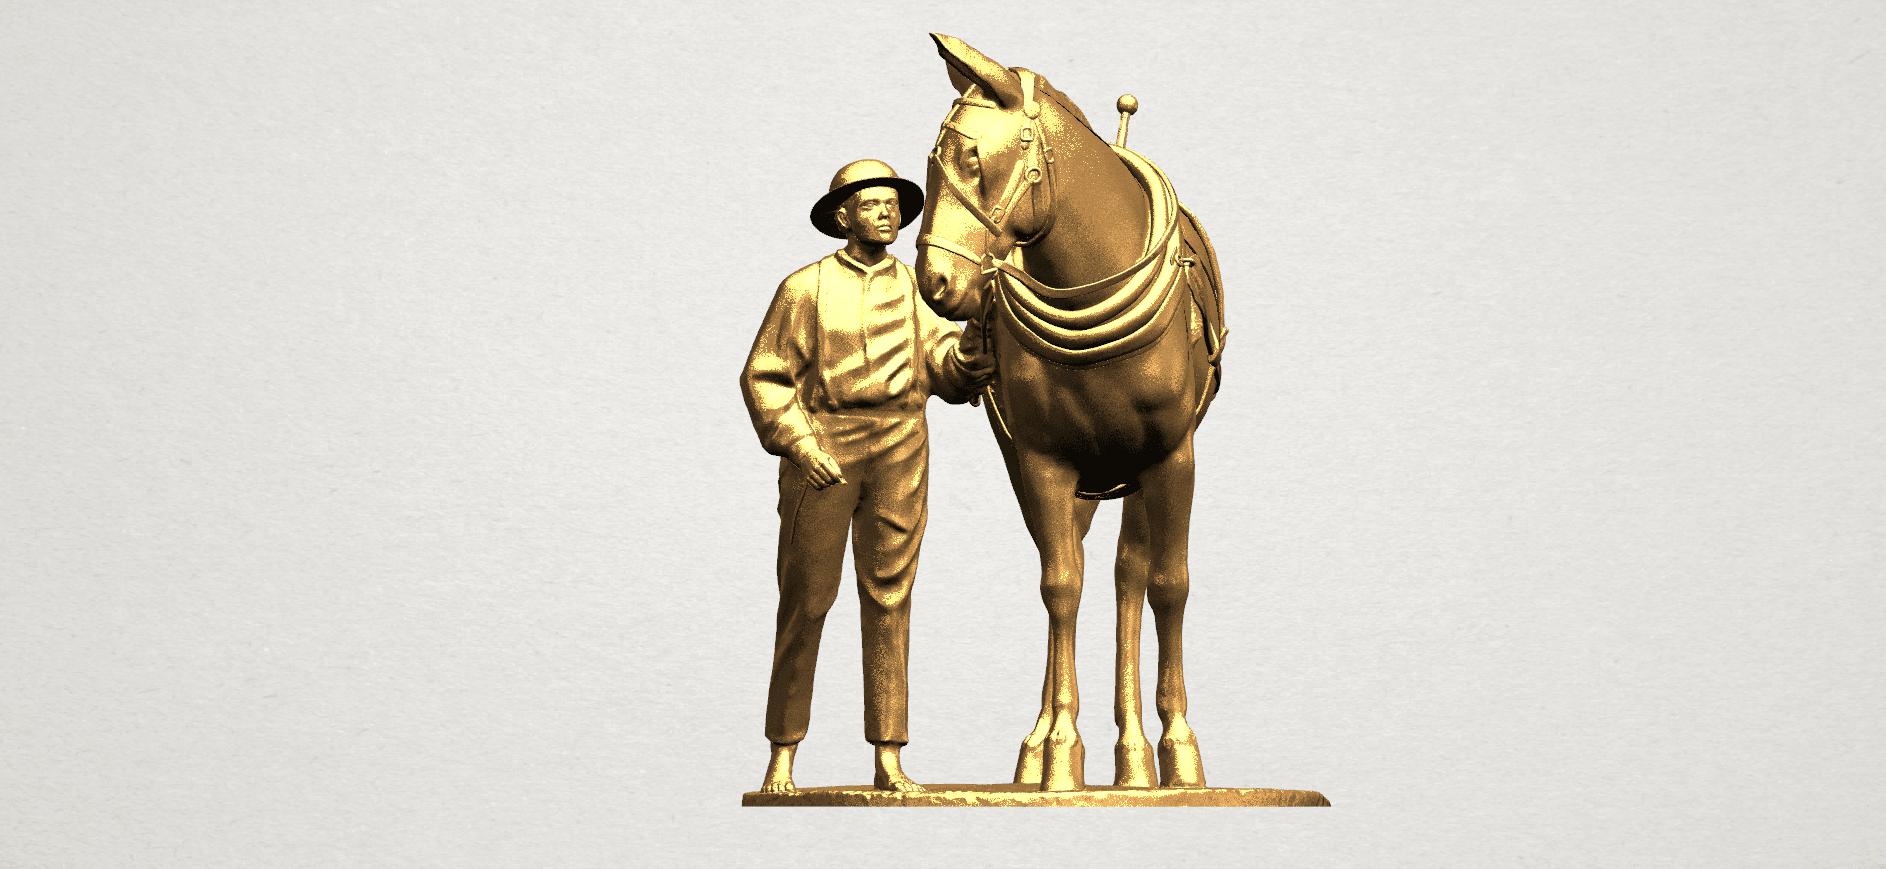 Horse with Man (i) - A01.png Télécharger fichier STL gratuit Cheval avec Man 01 • Objet à imprimer en 3D, GeorgesNikkei